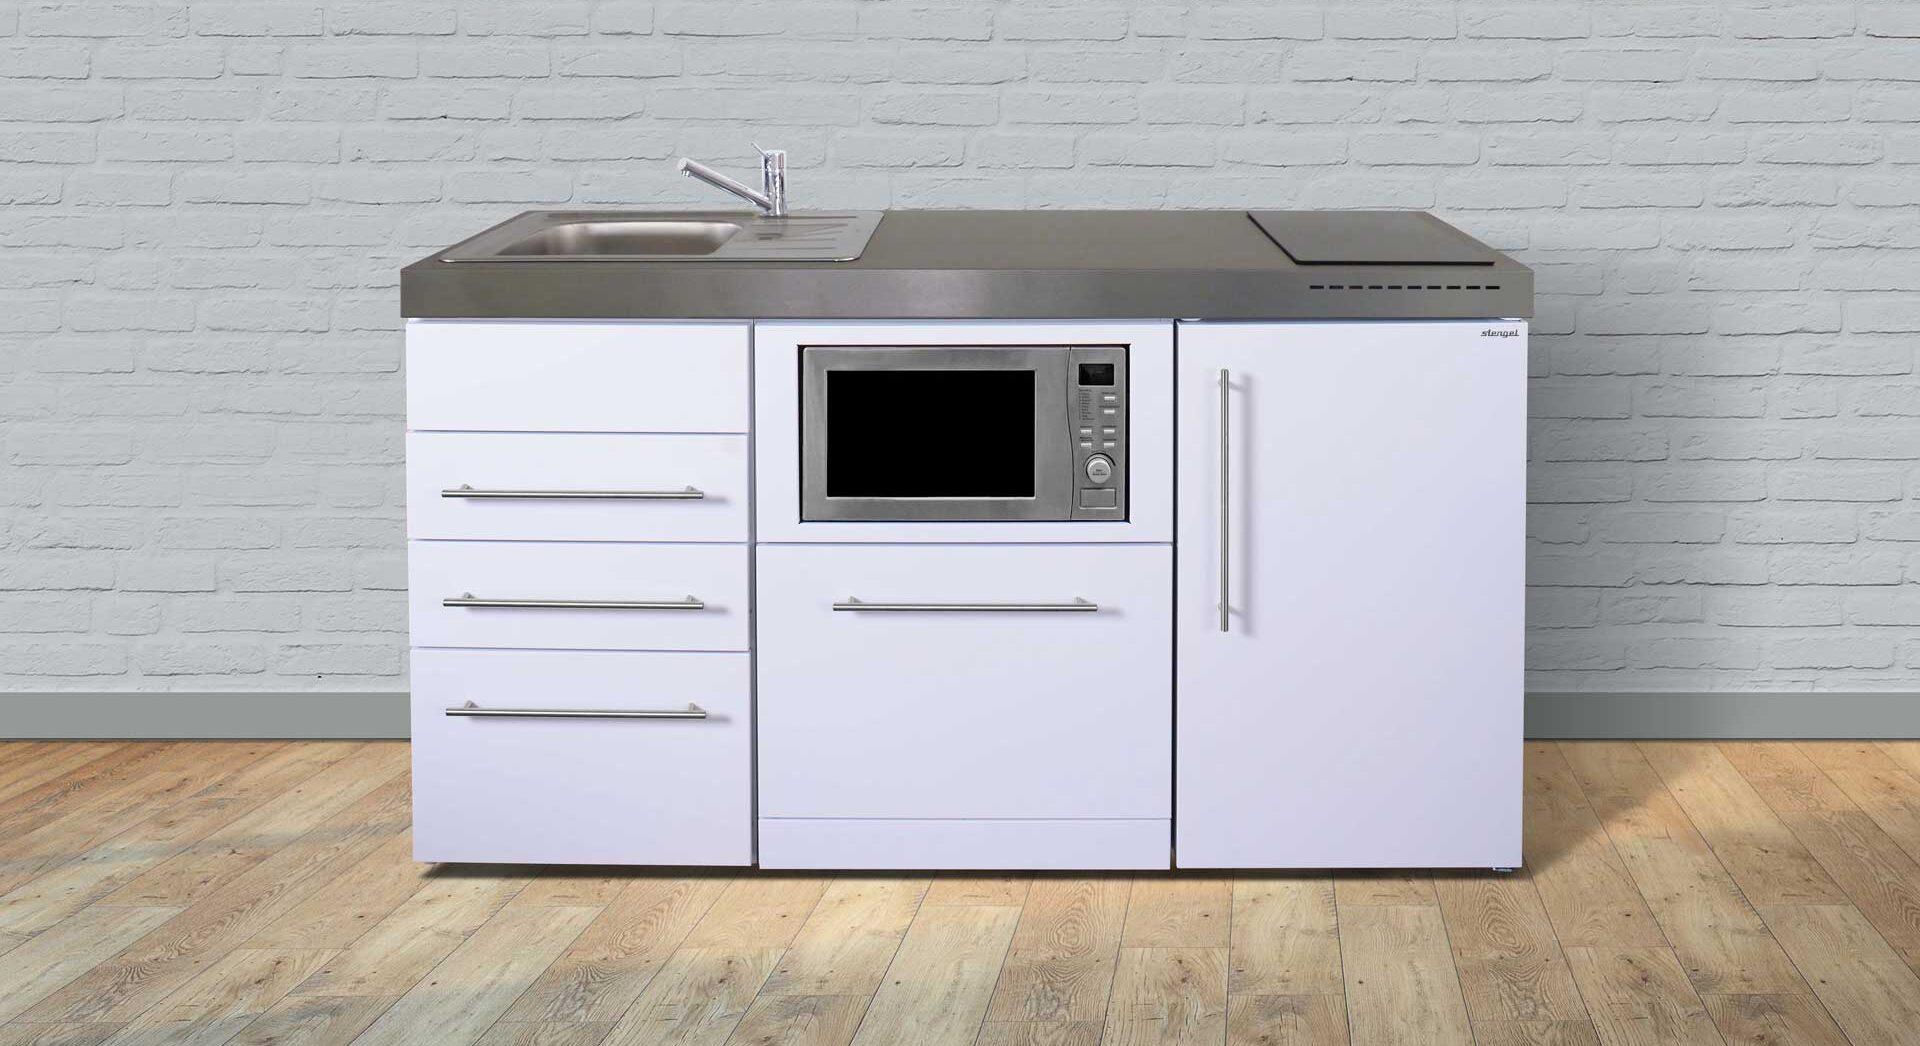 MPGSM3 160 minikøkken i rustfrit stål - inkl alle hvidevarer. Vælg mellem 8 flotte moderne farver. Inkl køleskab m. fryser, mikroovn, opvaskemaskine, induktionskogeplader mm.